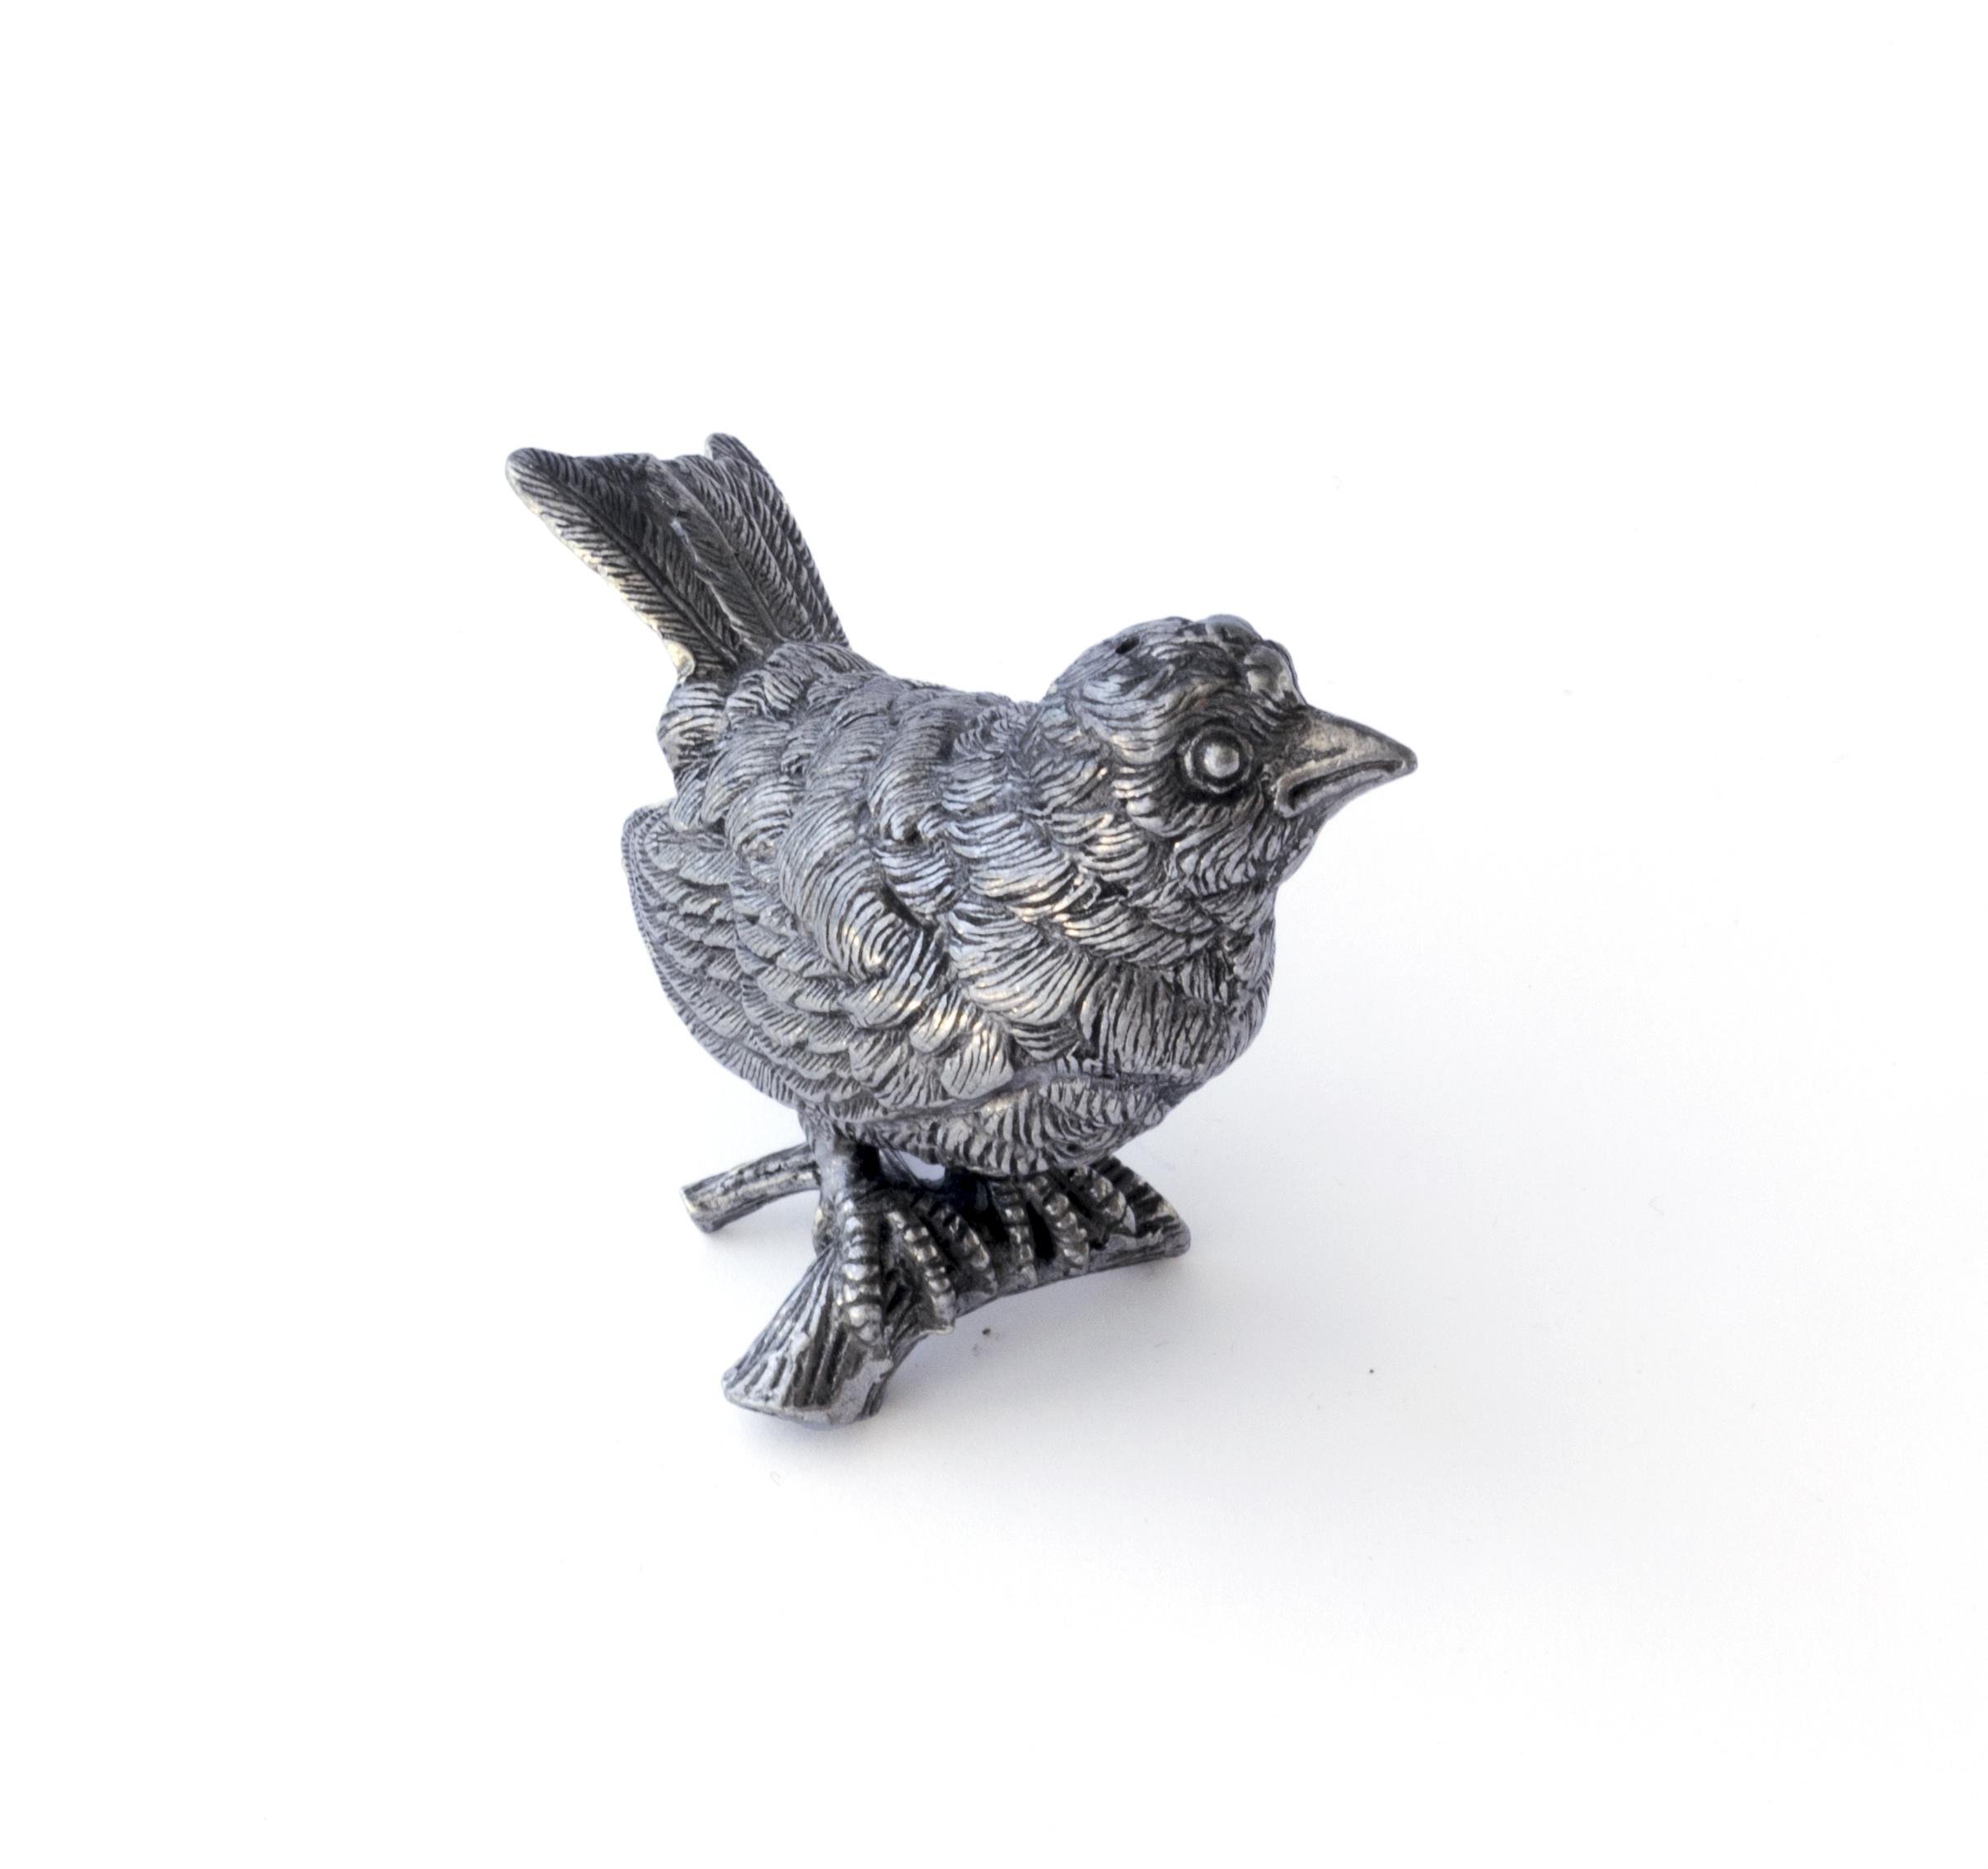 Bird Salt Shaker